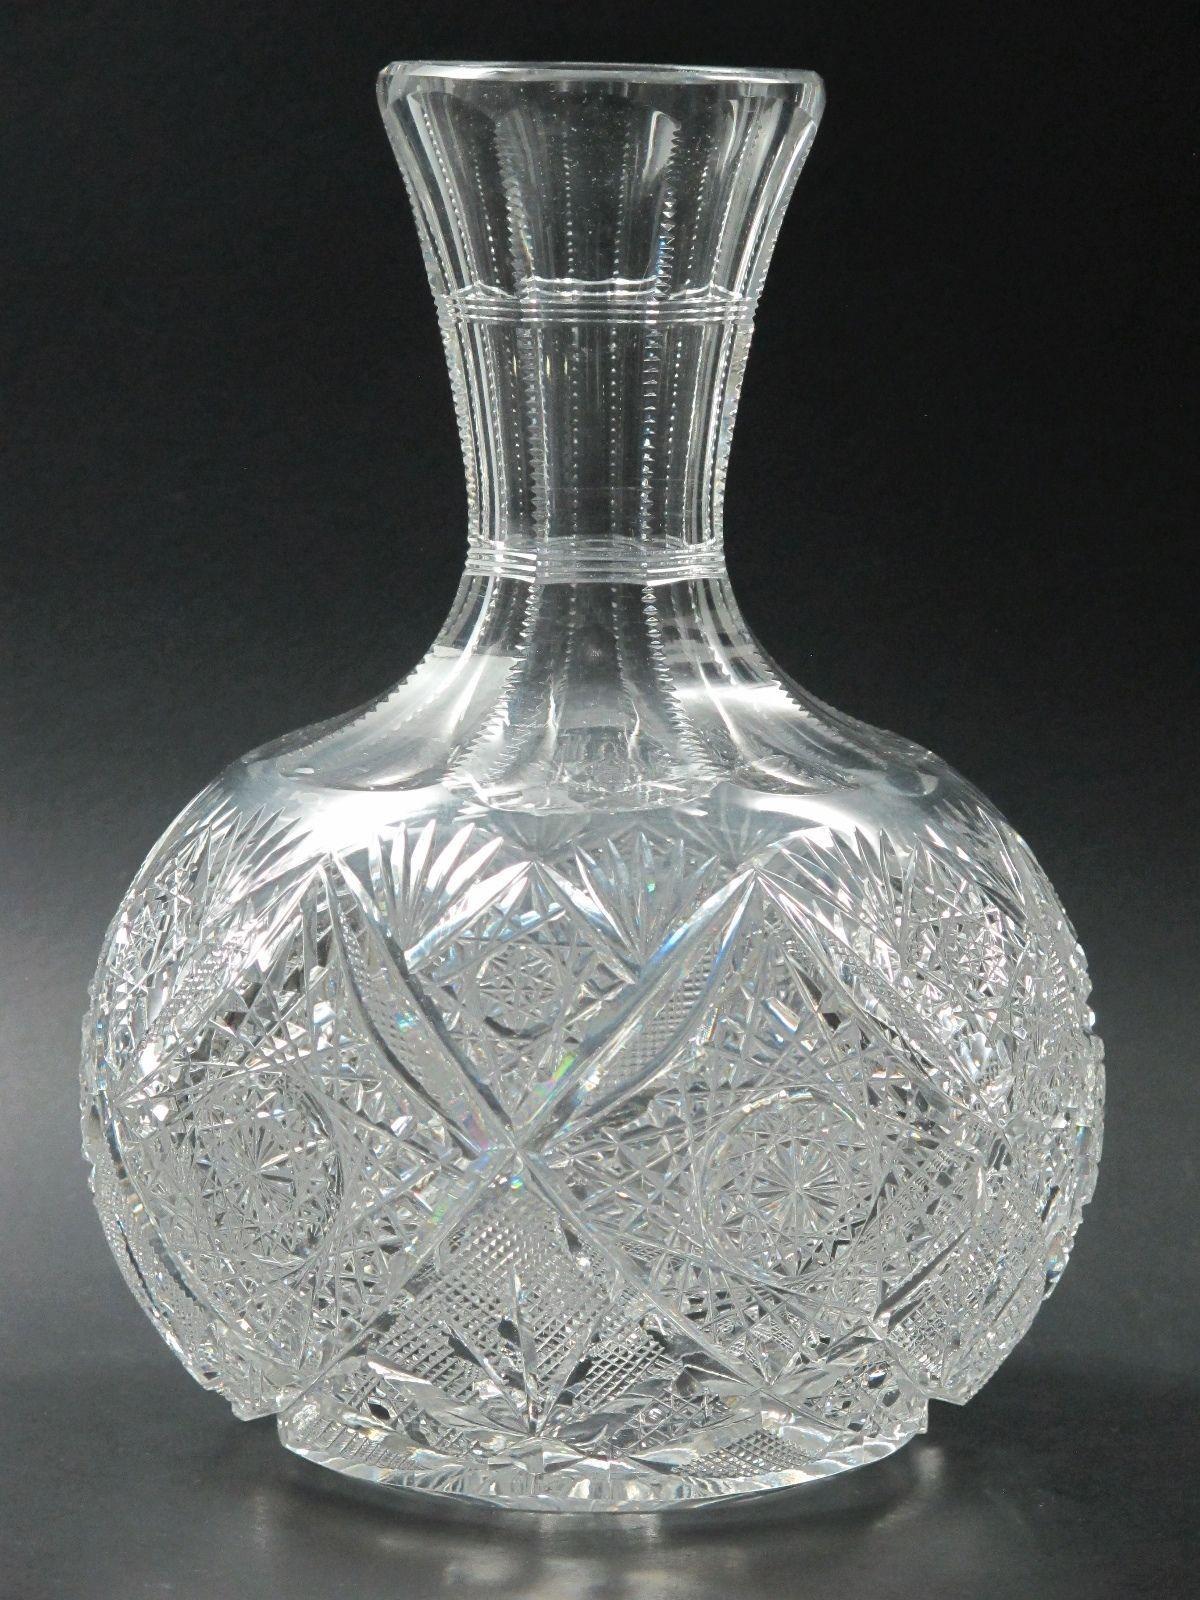 Elmira 100 american brilliant period cut glass water carafe vase elmira 100 american brilliant period cut glass water carafe vase antique reviewsmspy